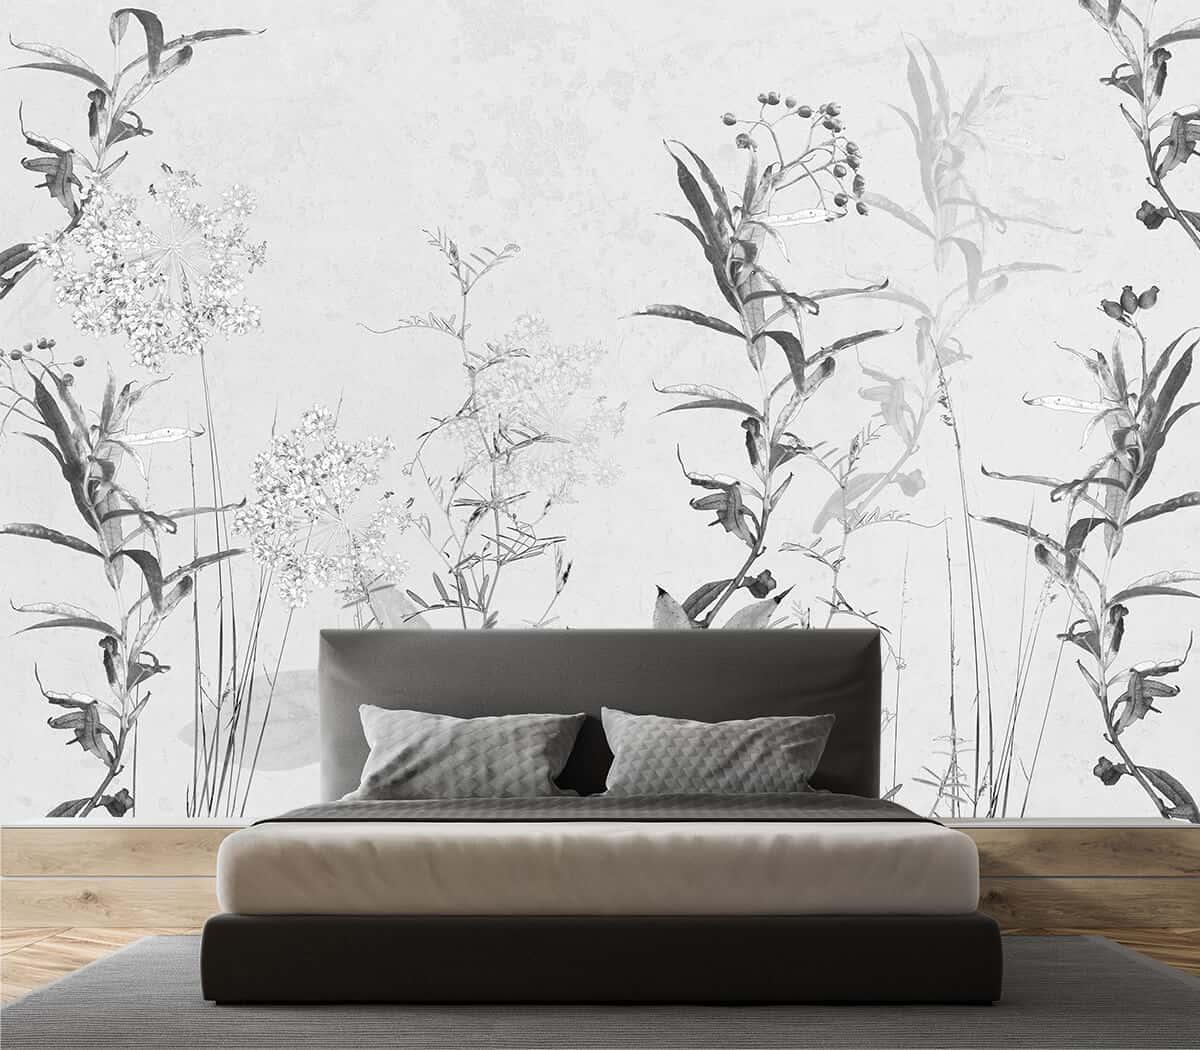 Tapety na wymiar do sypialni - Kwiaty Liście